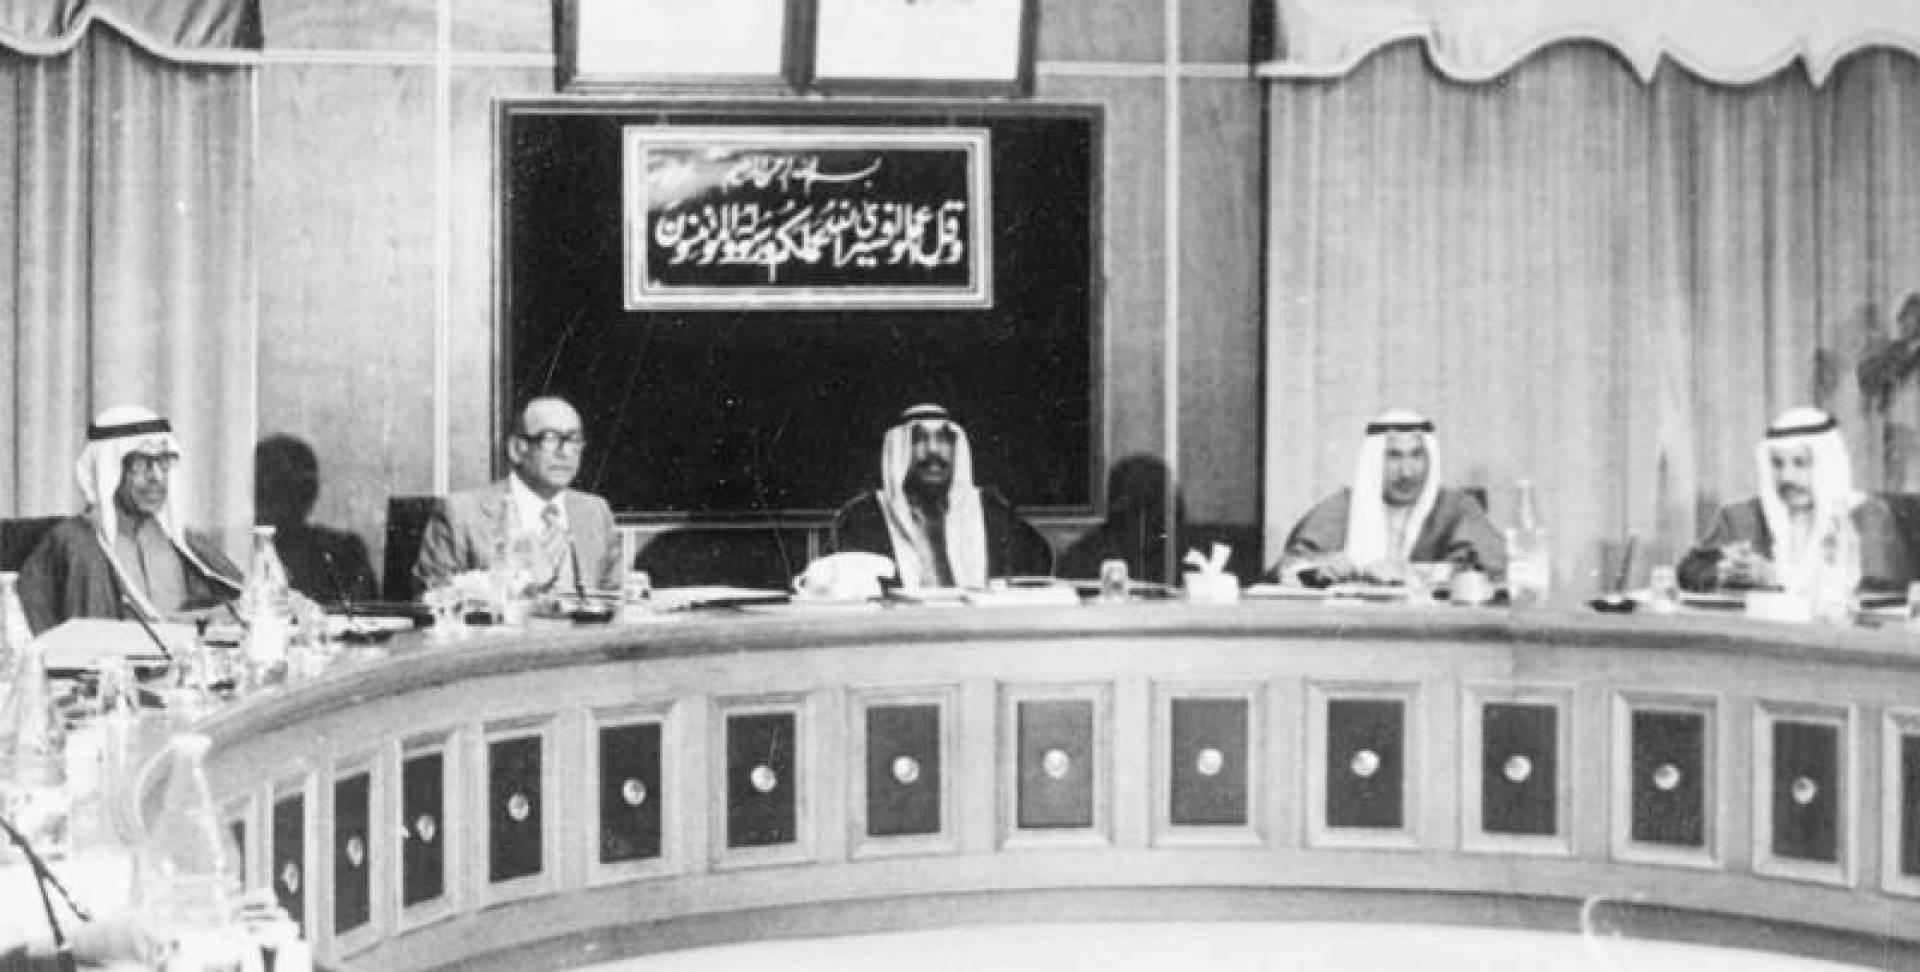 1972  مجلس الوزراء يبحث الإعداد لمؤتمر وزراء الخارجية.. ويوافق على إنشاء مدارس في المنطقة المقسومة